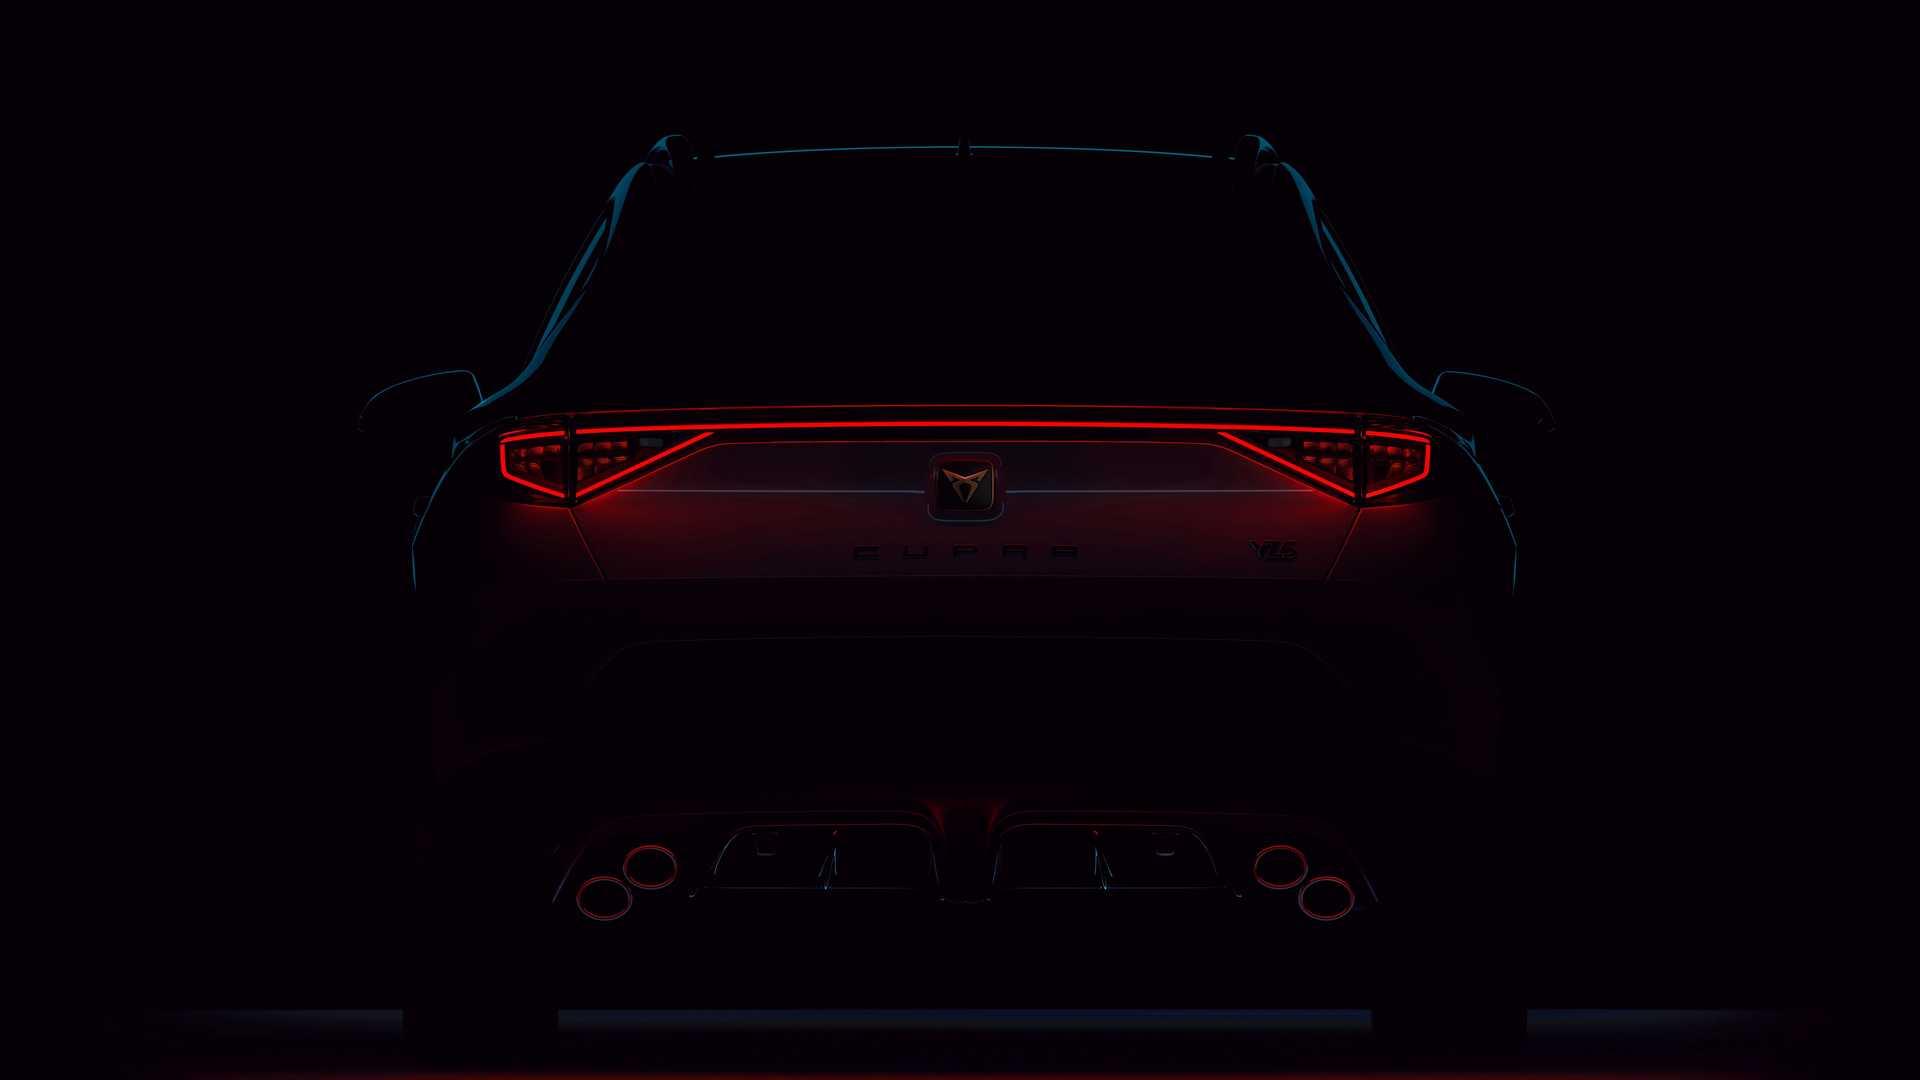 Le Cupra Formentor VZ5 arrive avec le 5 cylindres d'Audi Sport !